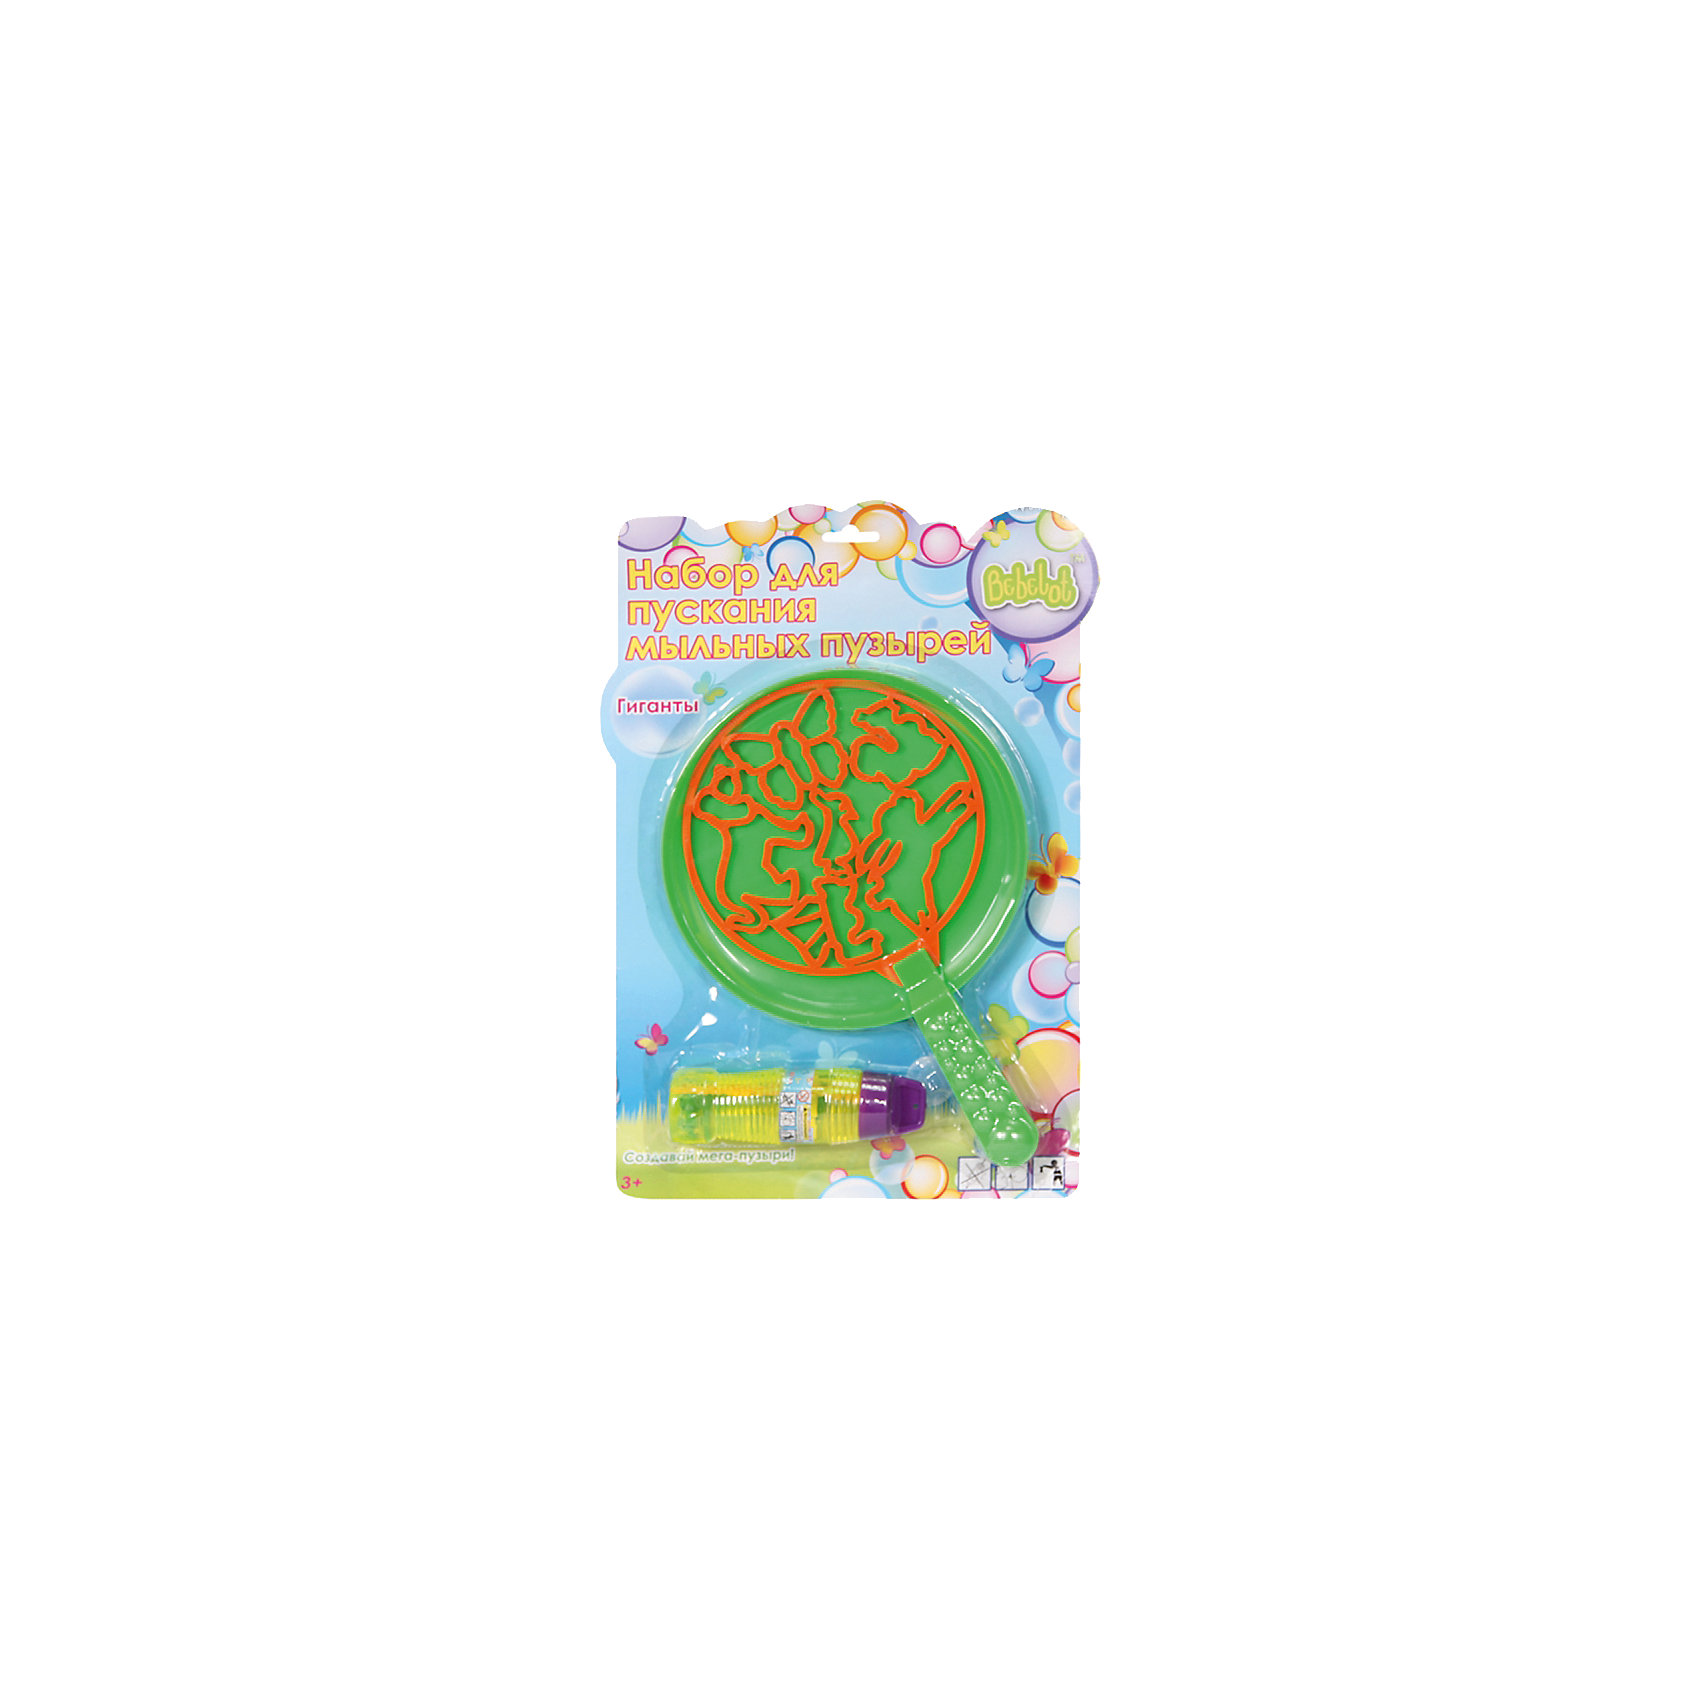 - Набор для пускания мыльных пузырей Гиганты, Bebelot игрушка для активного отдыха bebelot захват beb1106 045